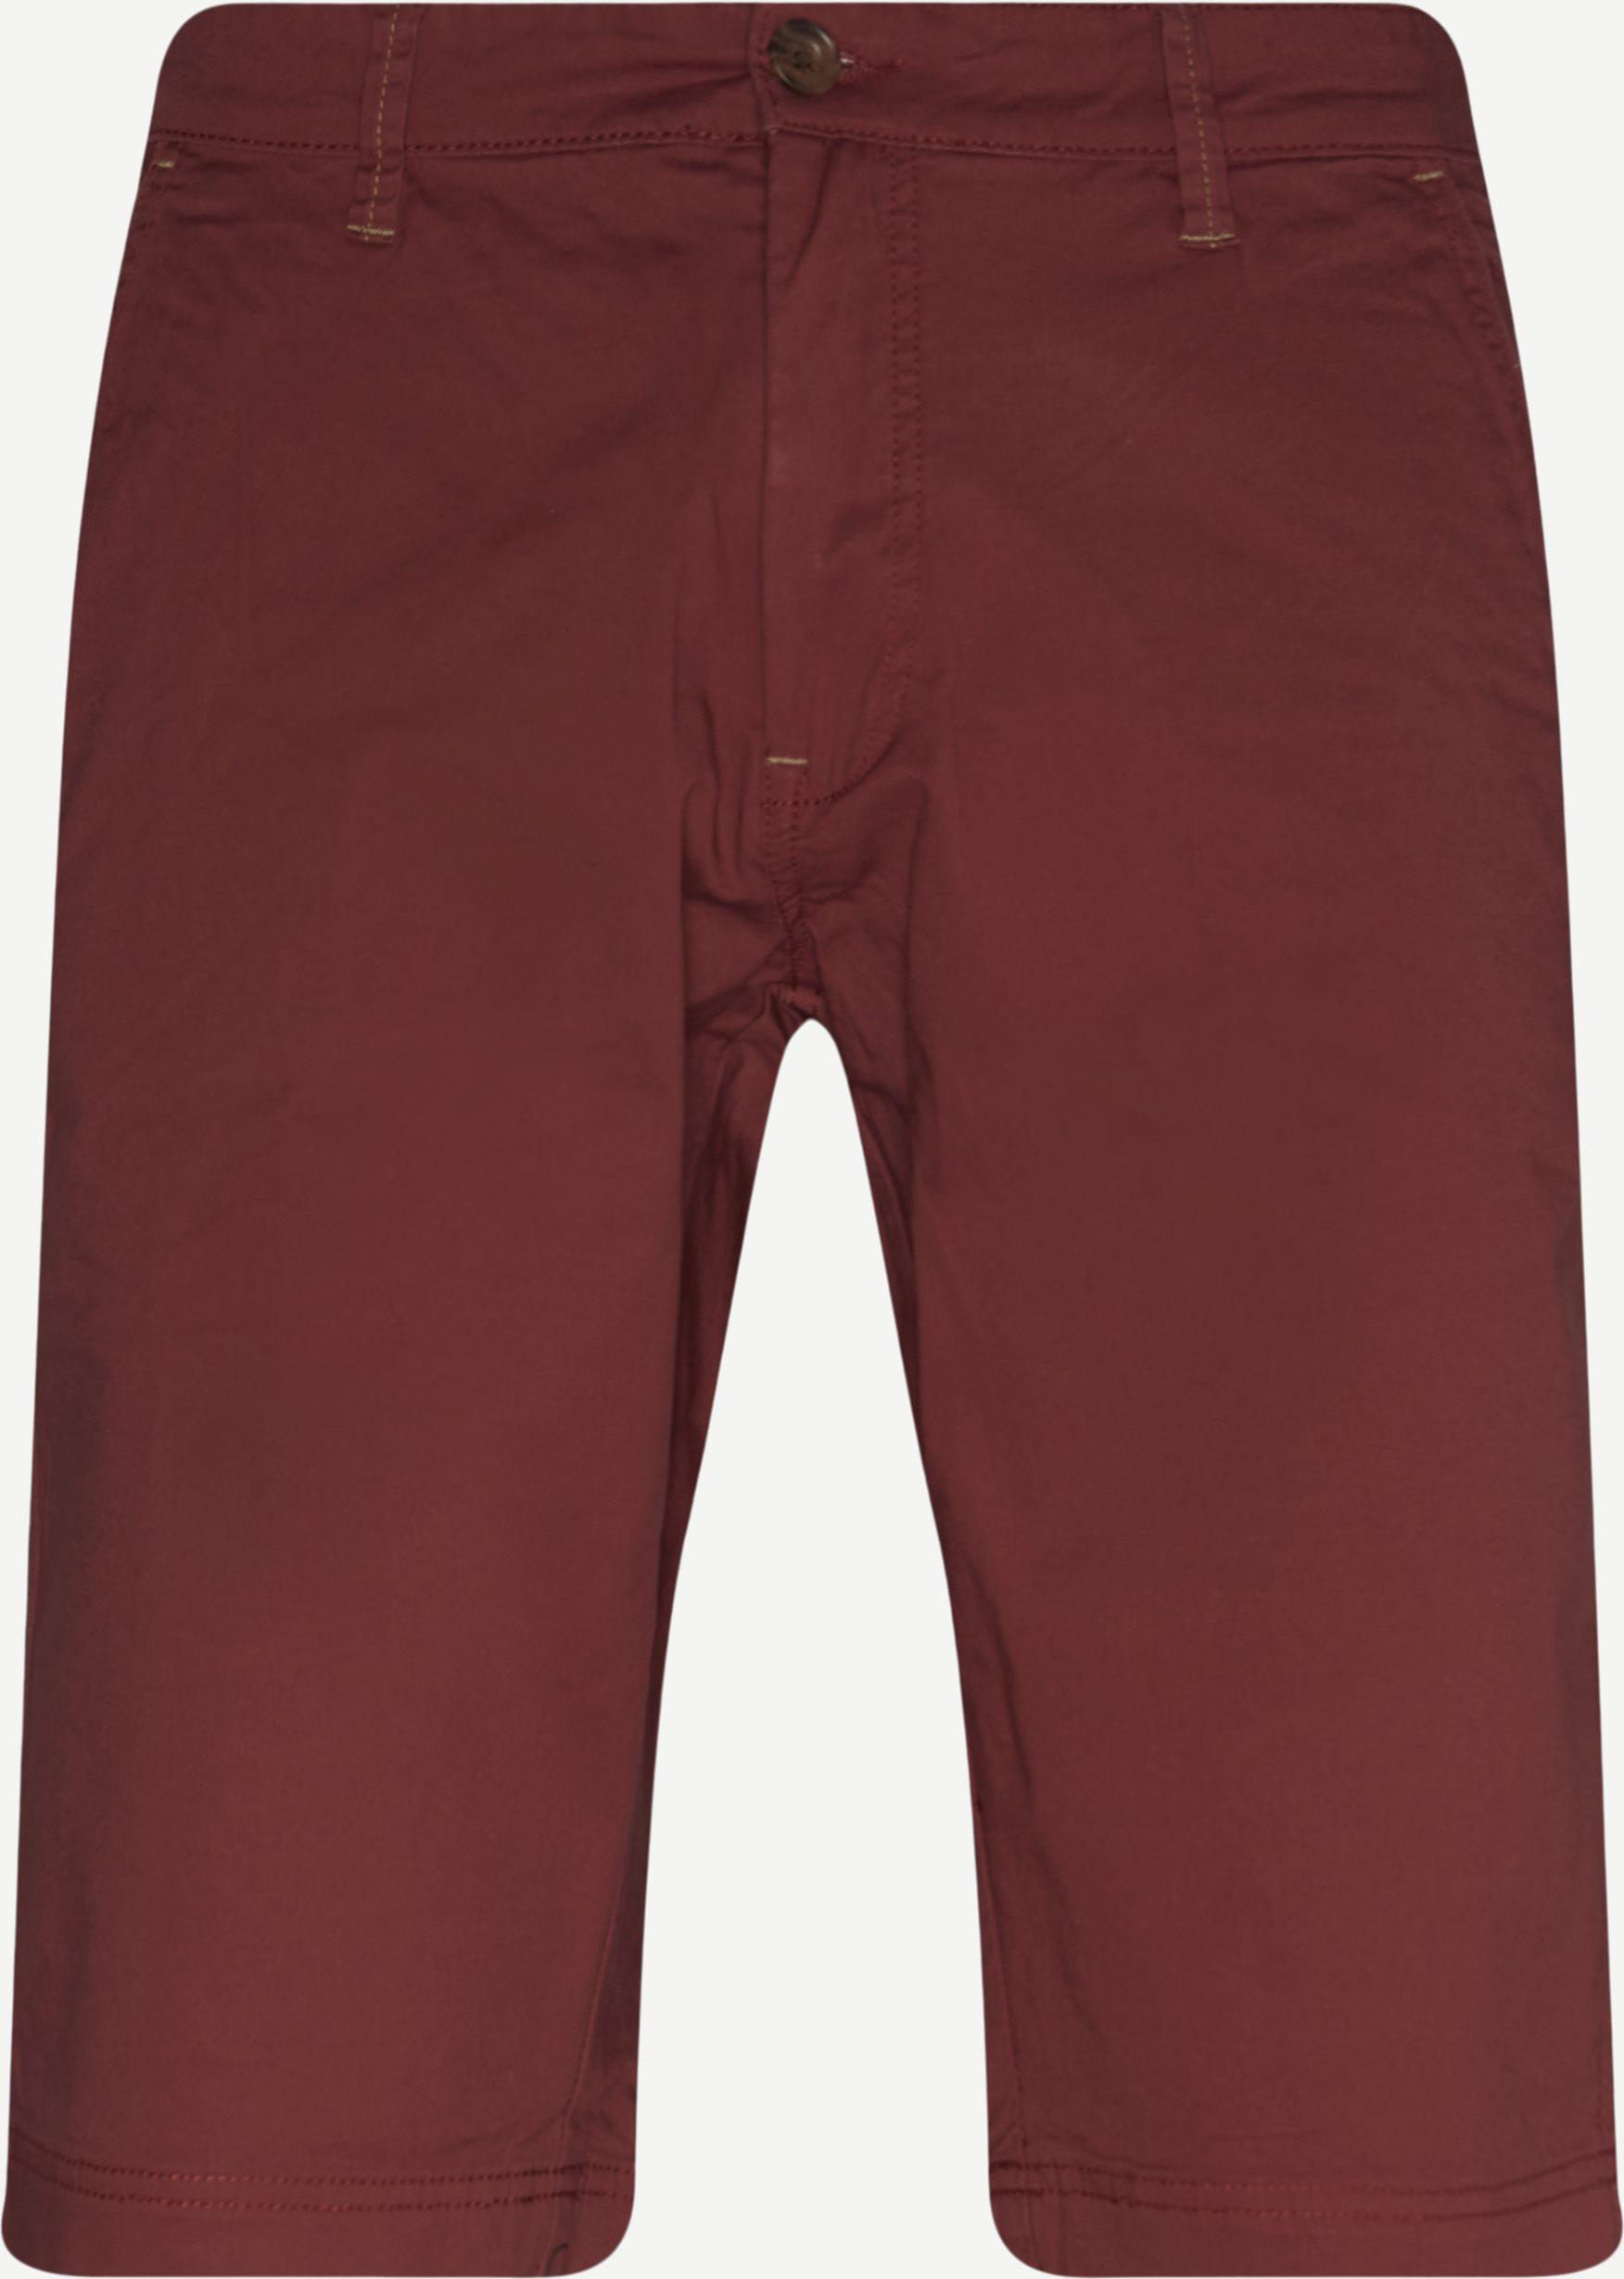 Shorts - Röd